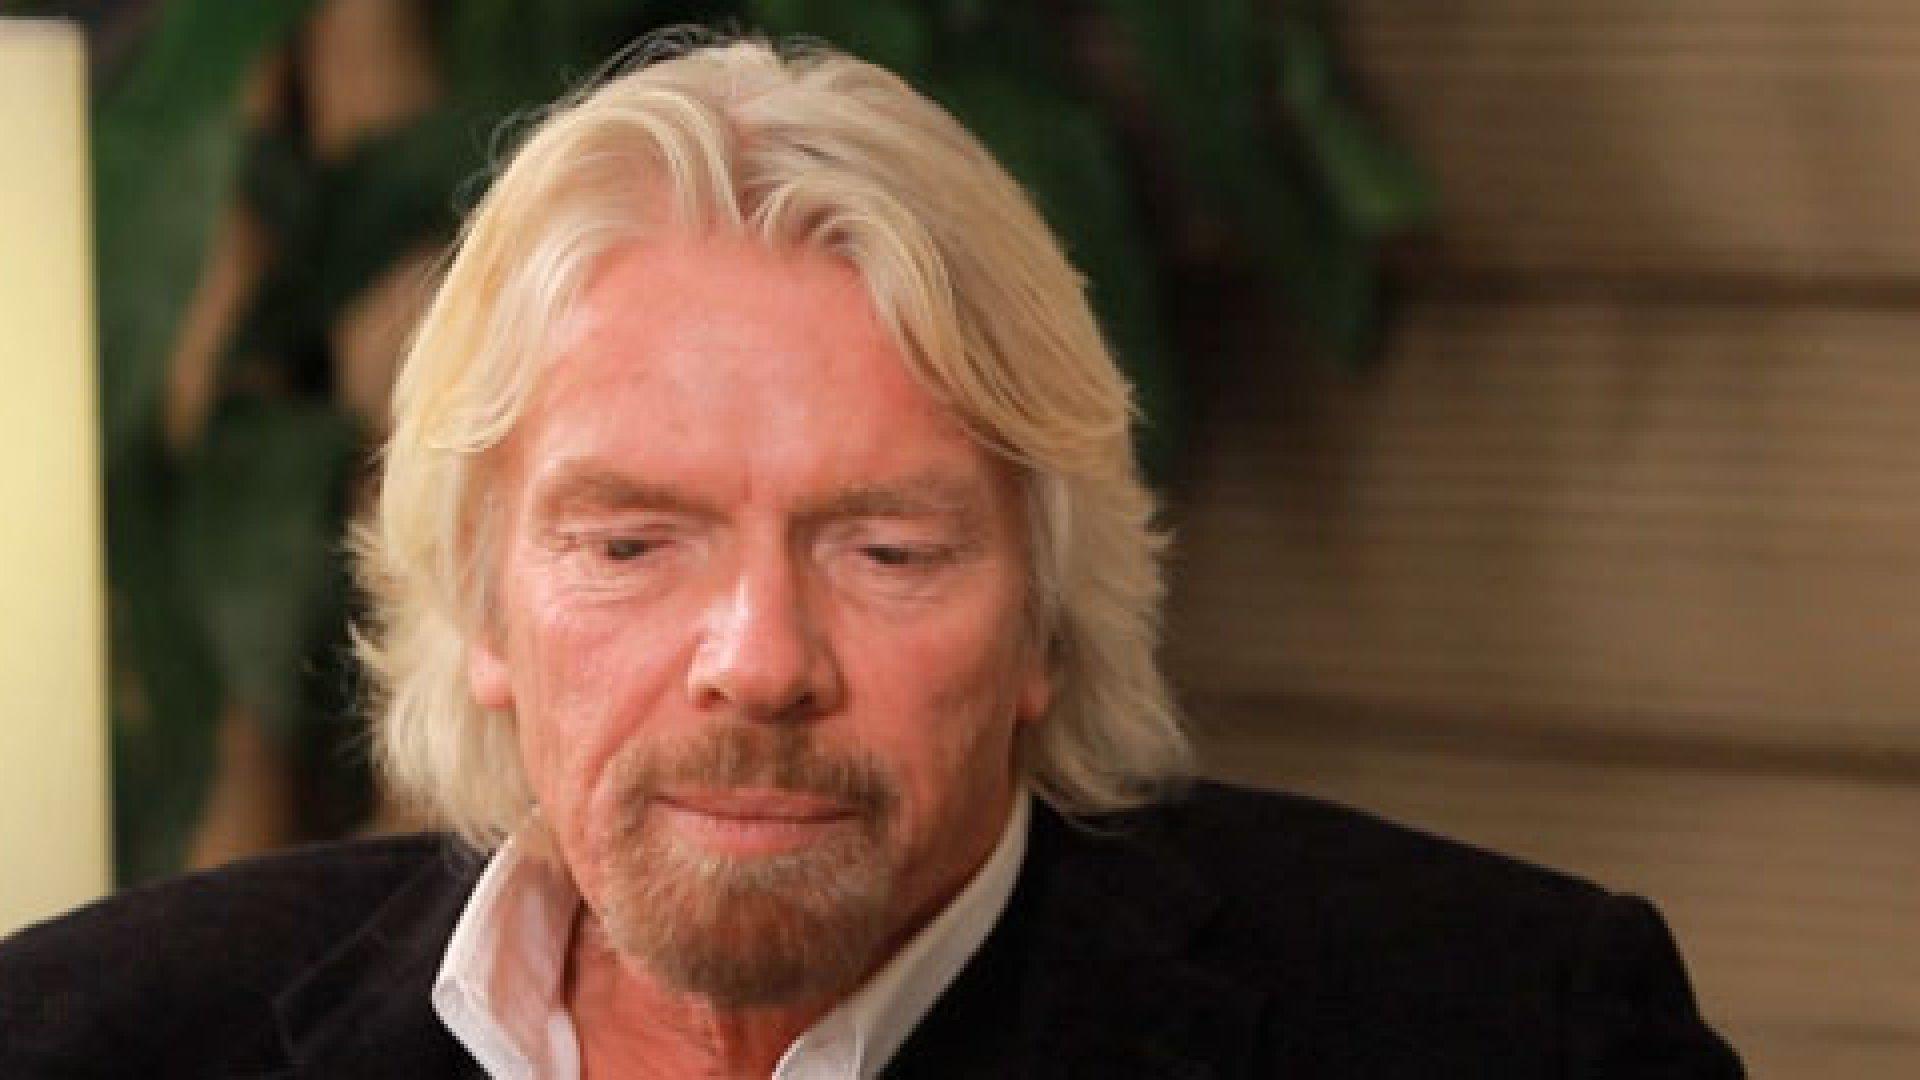 Richard Branson on Failure